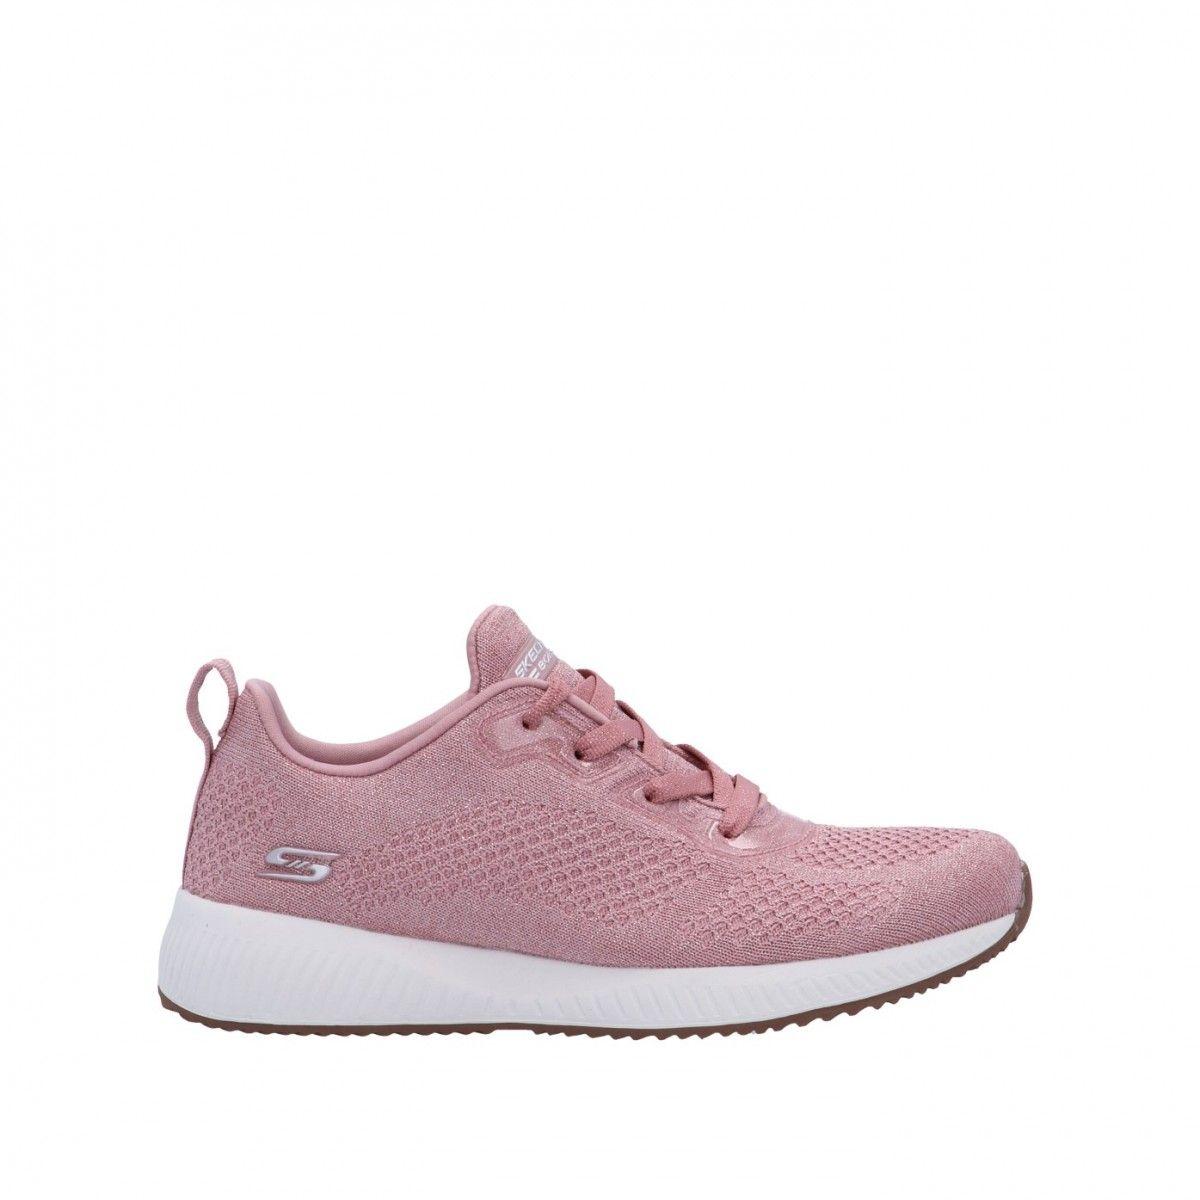 Skechers Sneaker Rosa Gomma...